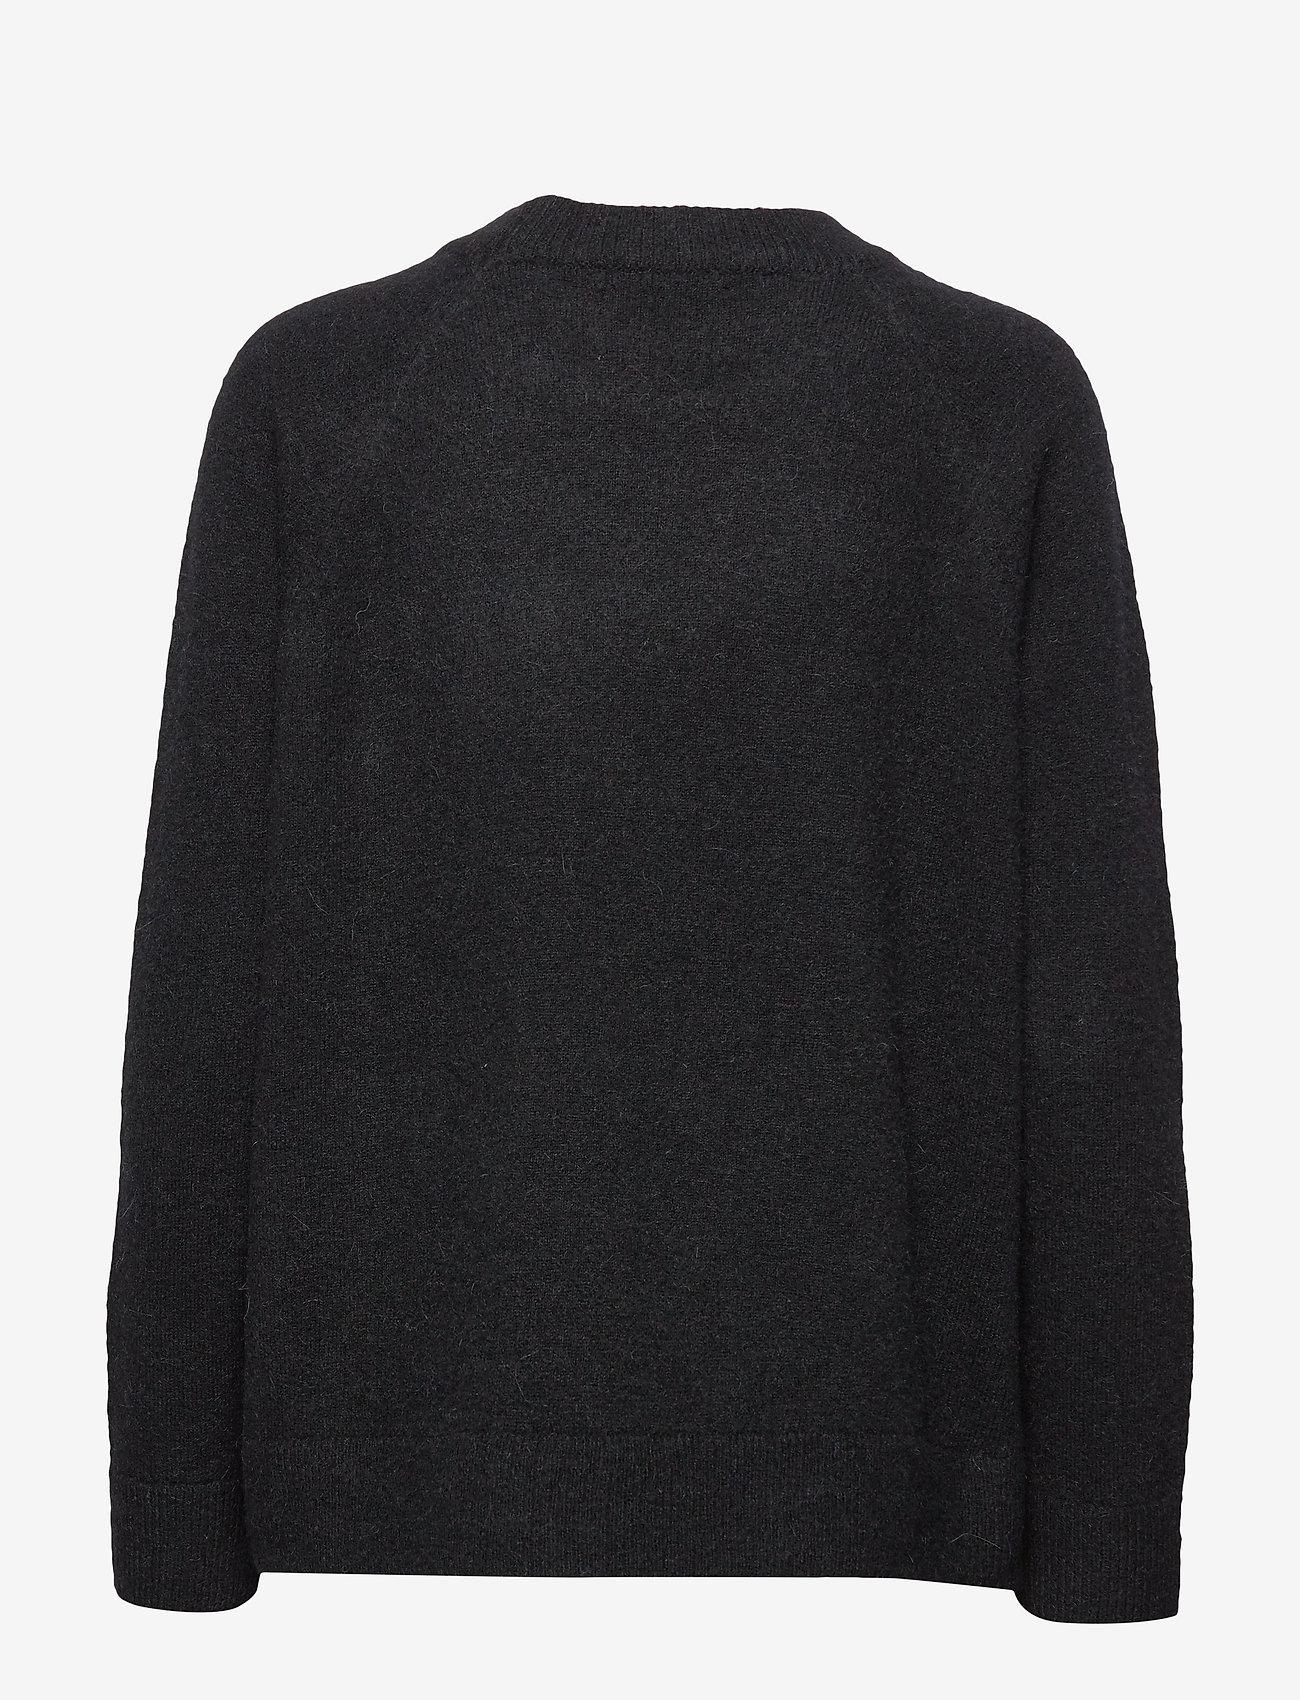 Nor O-n Long 7355 (Black) (139 €) - Samsøe Samsøe RMbZd